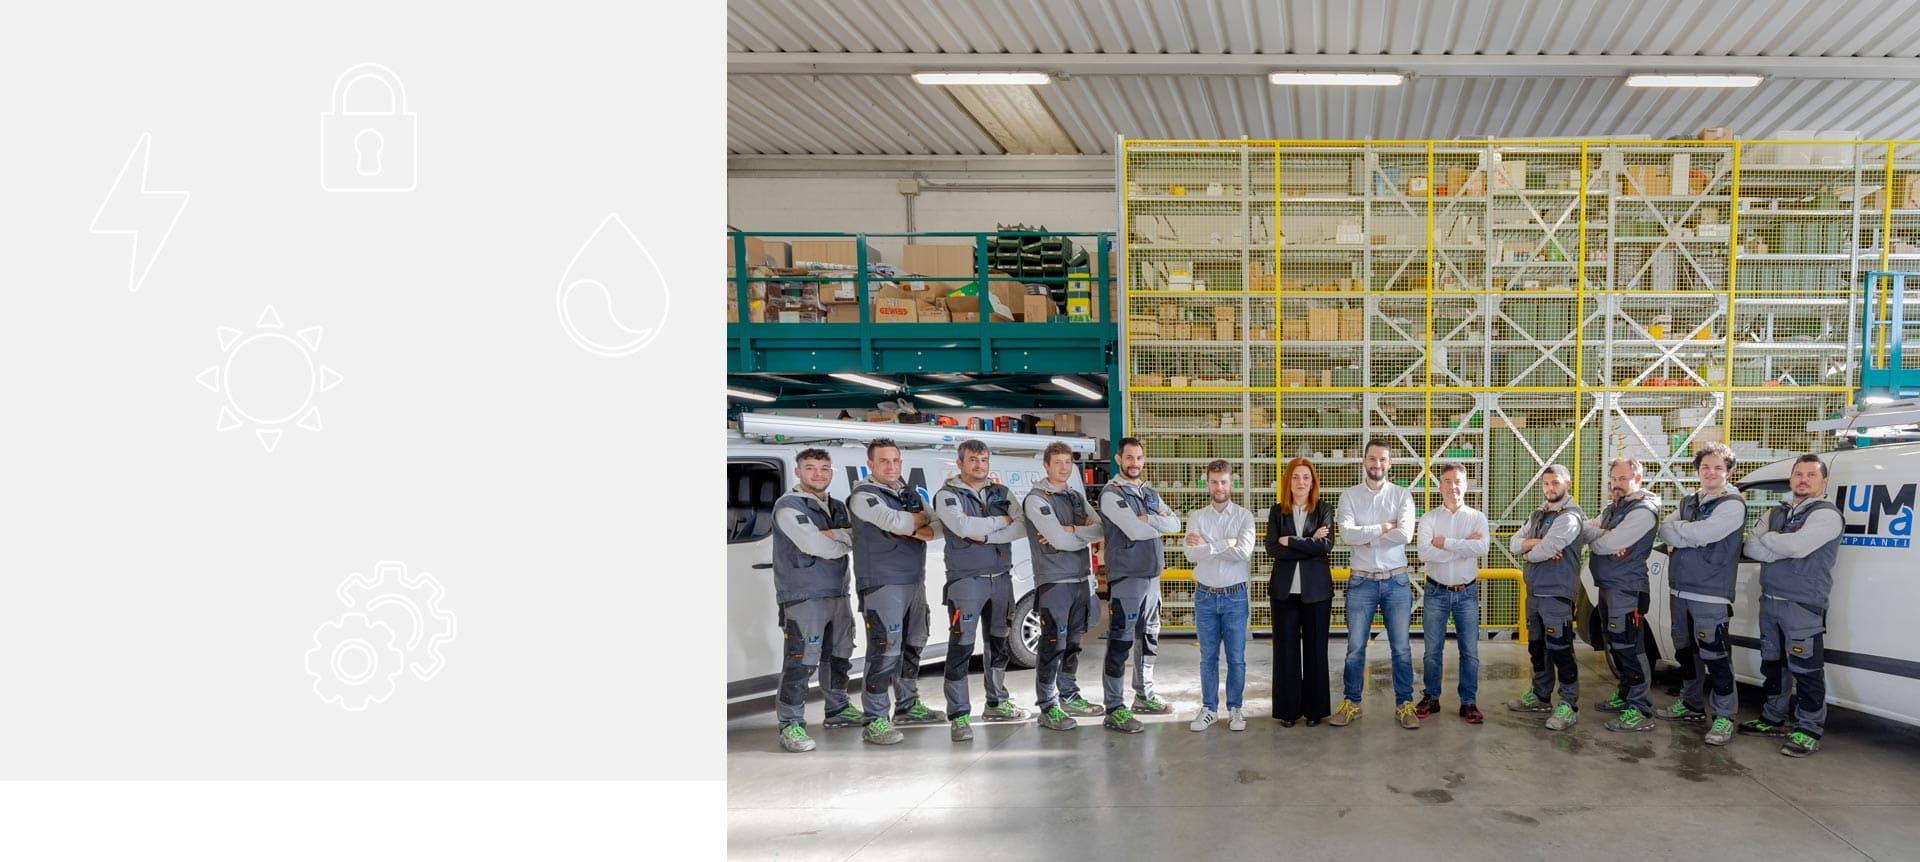 azienda luma impianti elettrici a verona